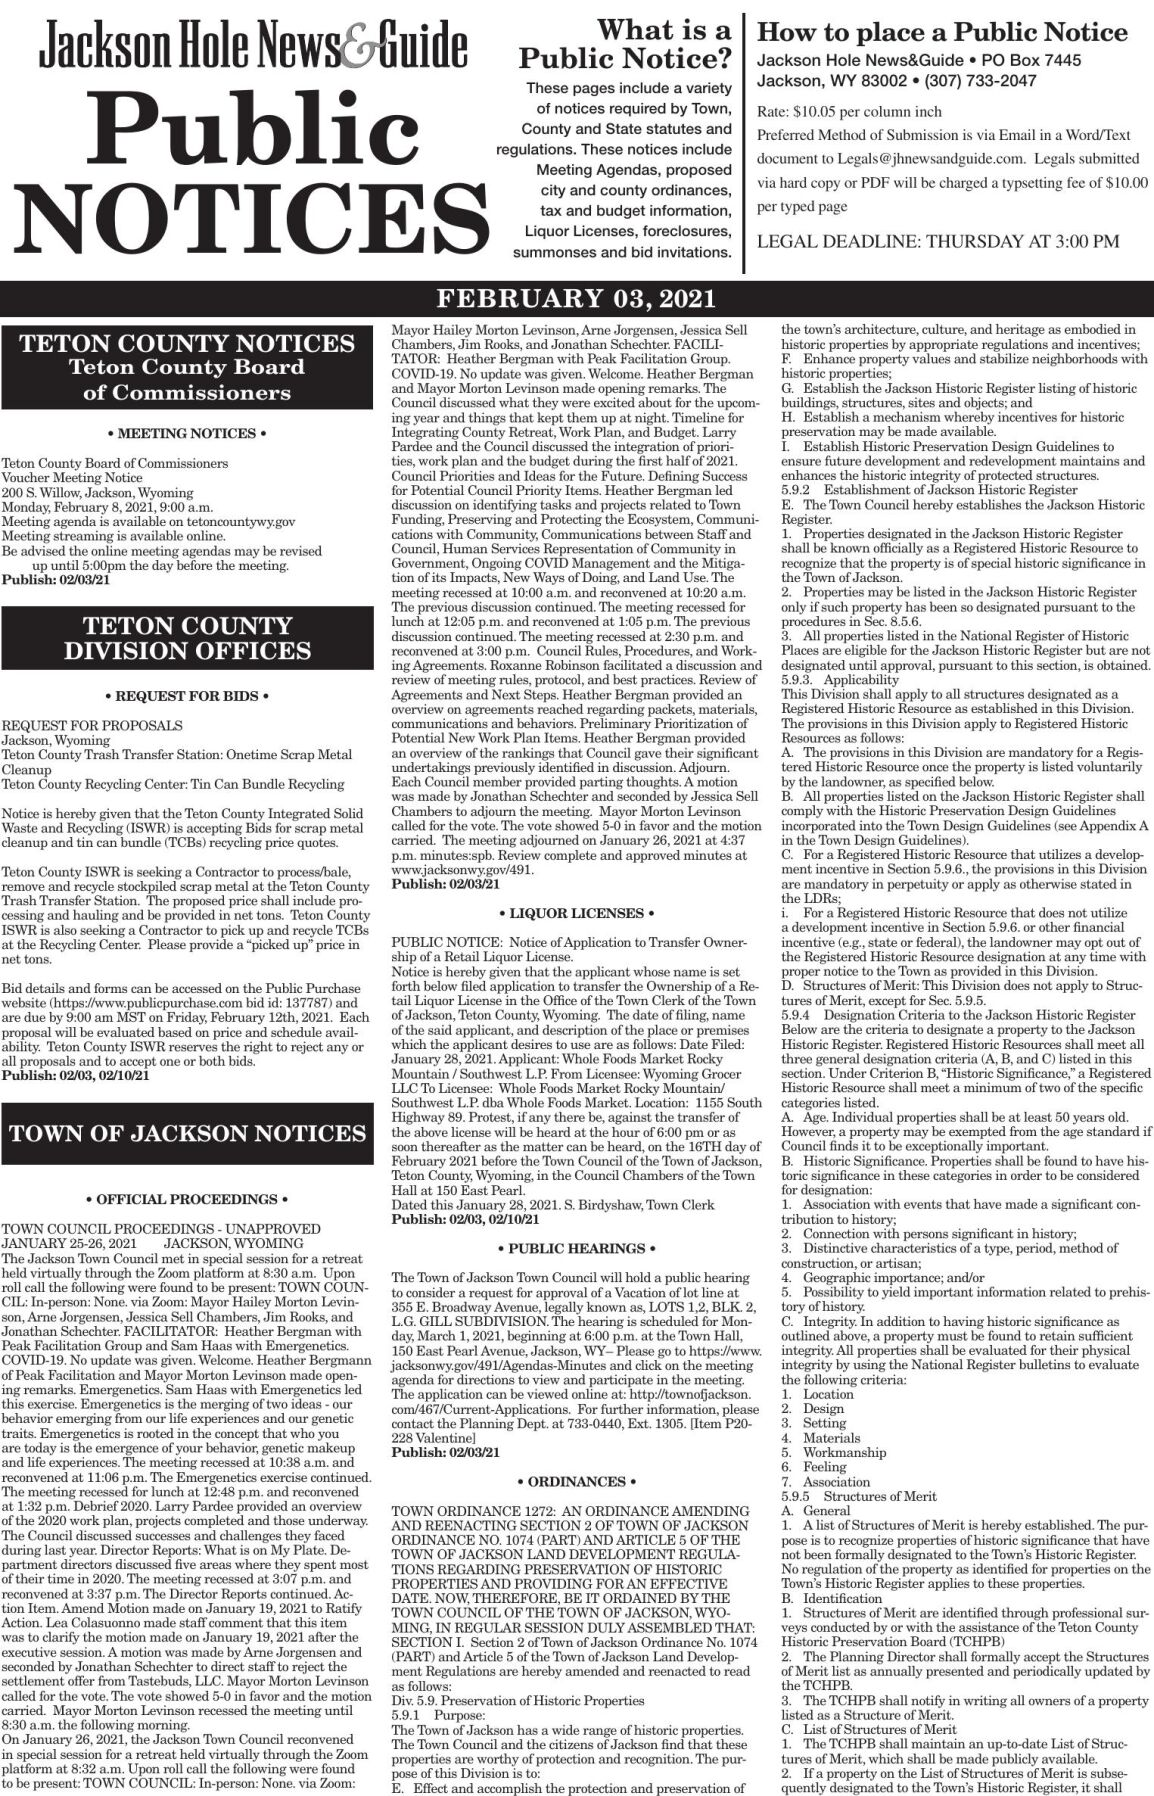 Public Notices, Feb. 03, 2021